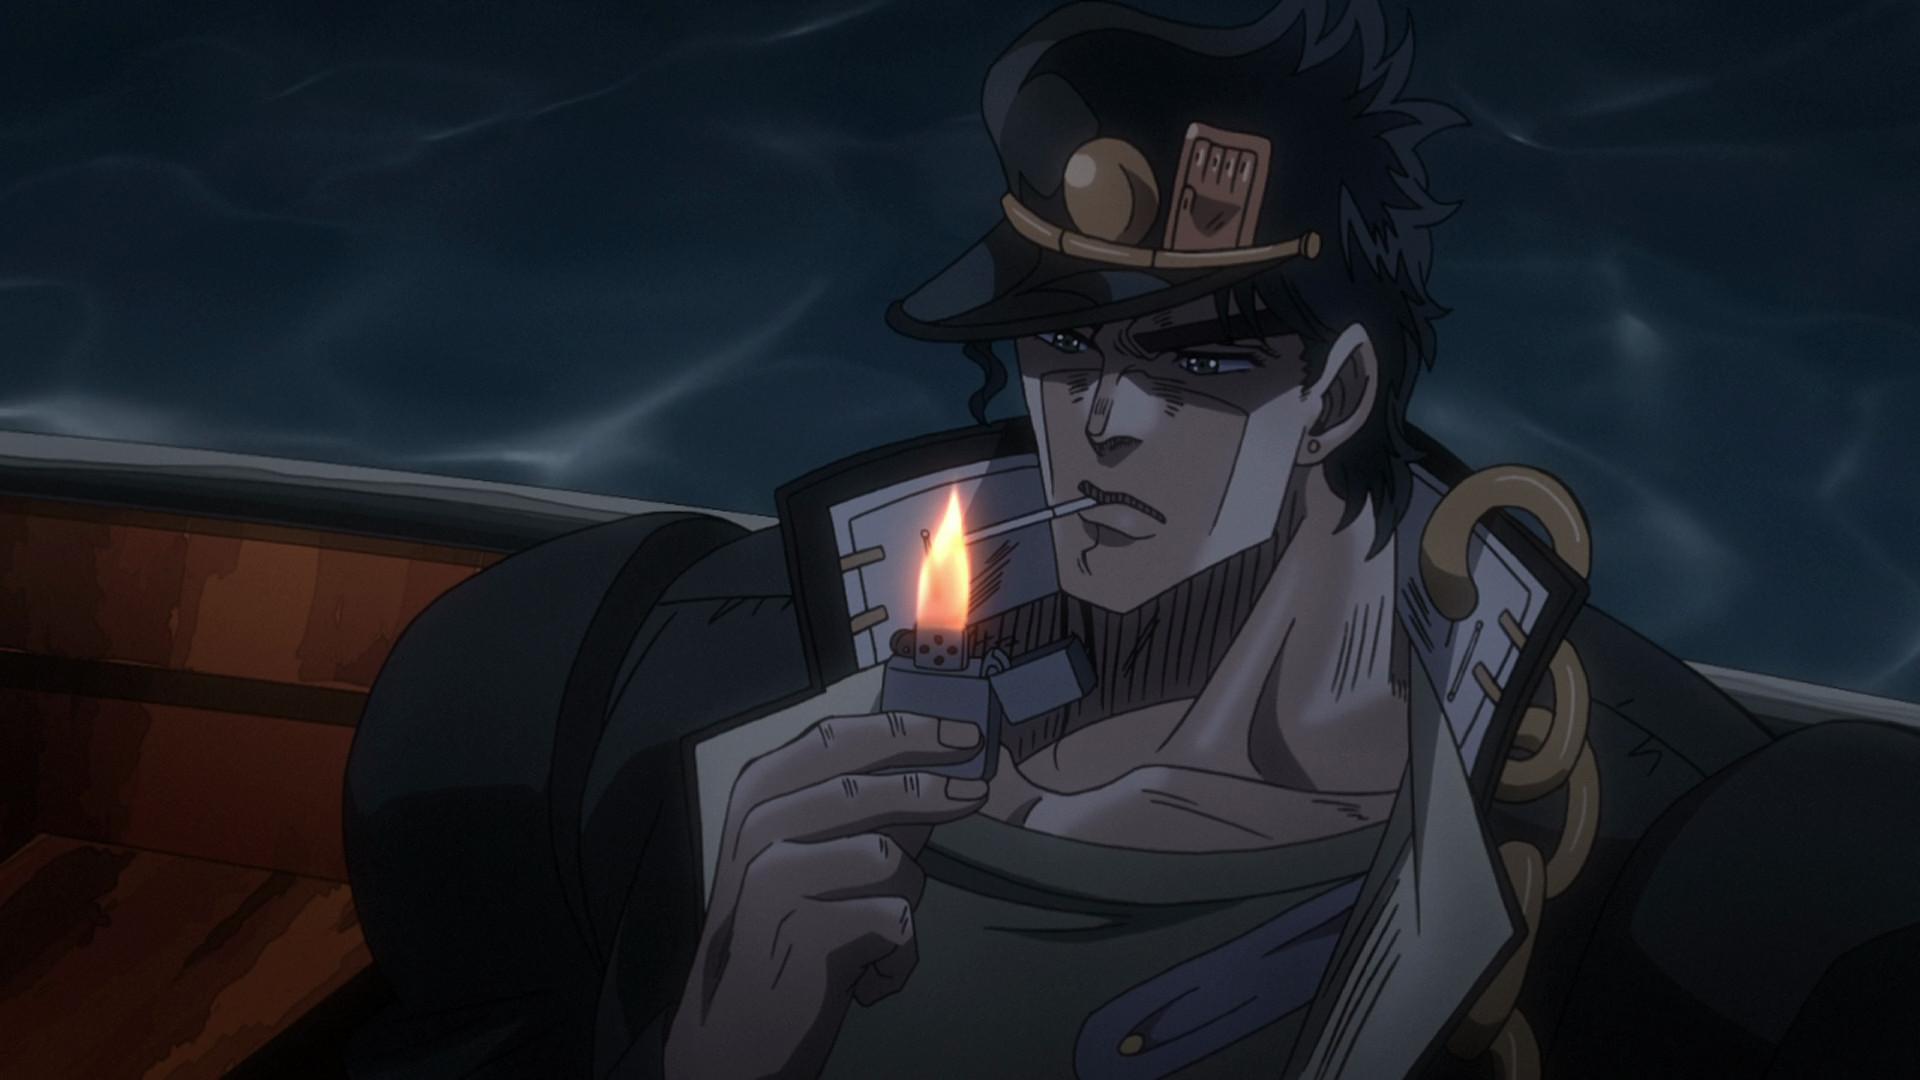 Jotaro smoking anime.png